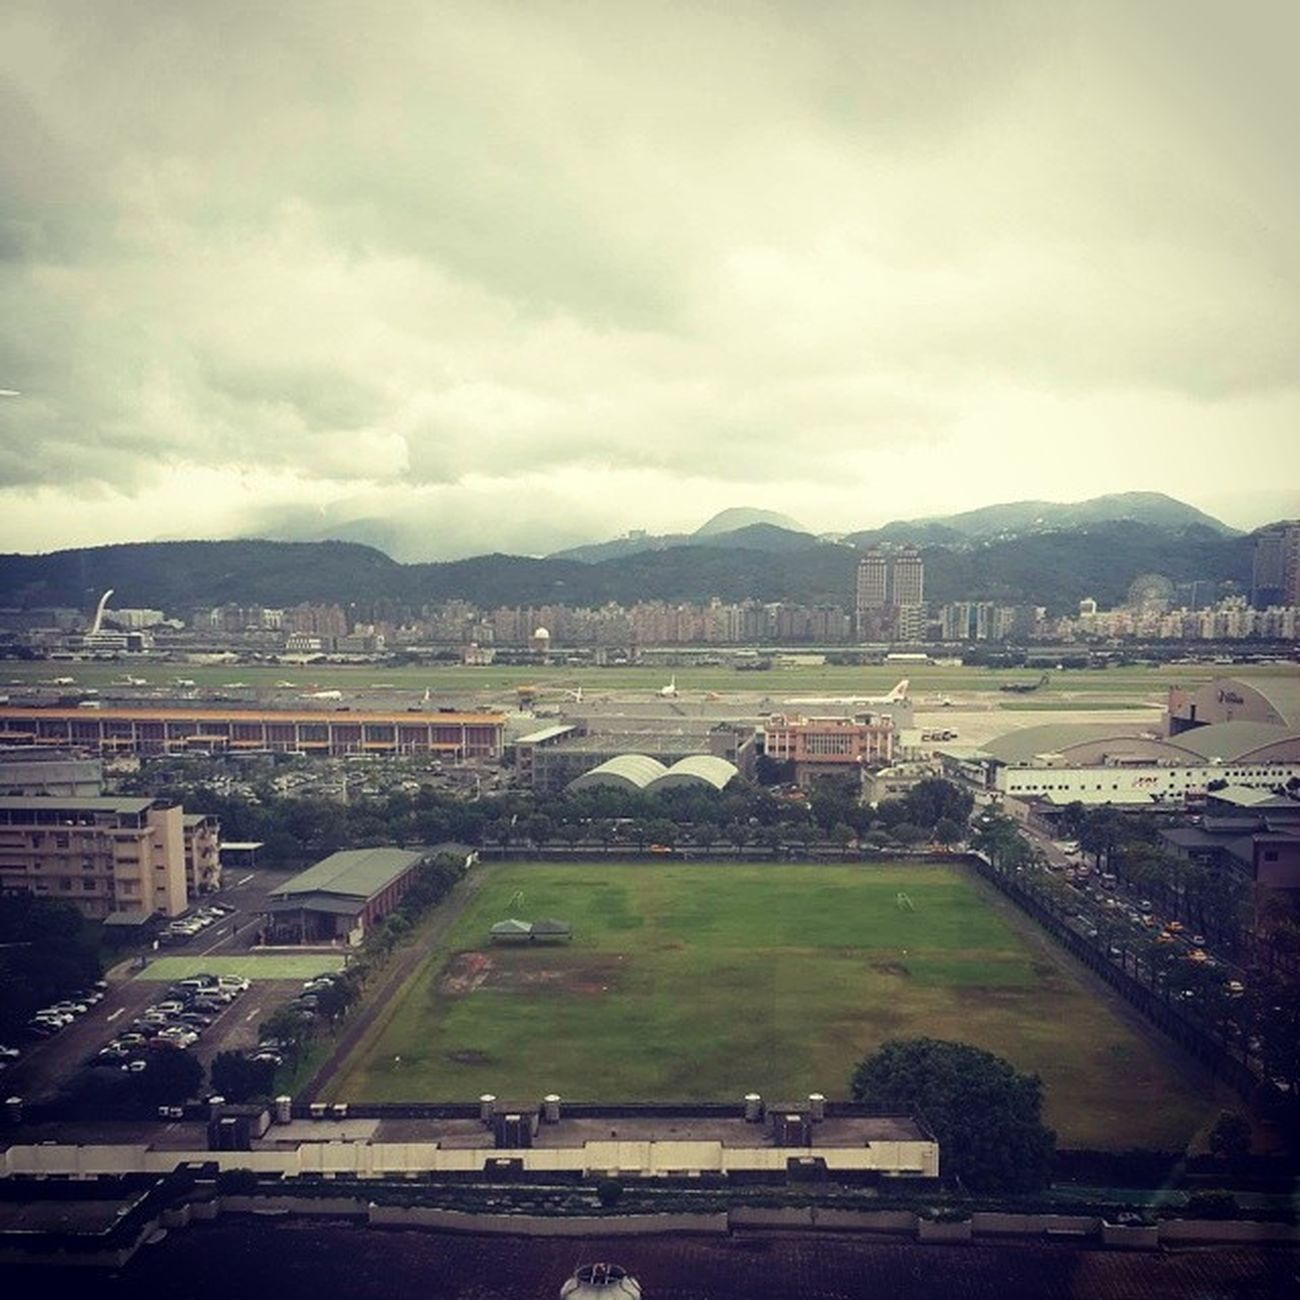 坐看飛機起降時✈✈✈ 松山機場 飛機 Air Plant